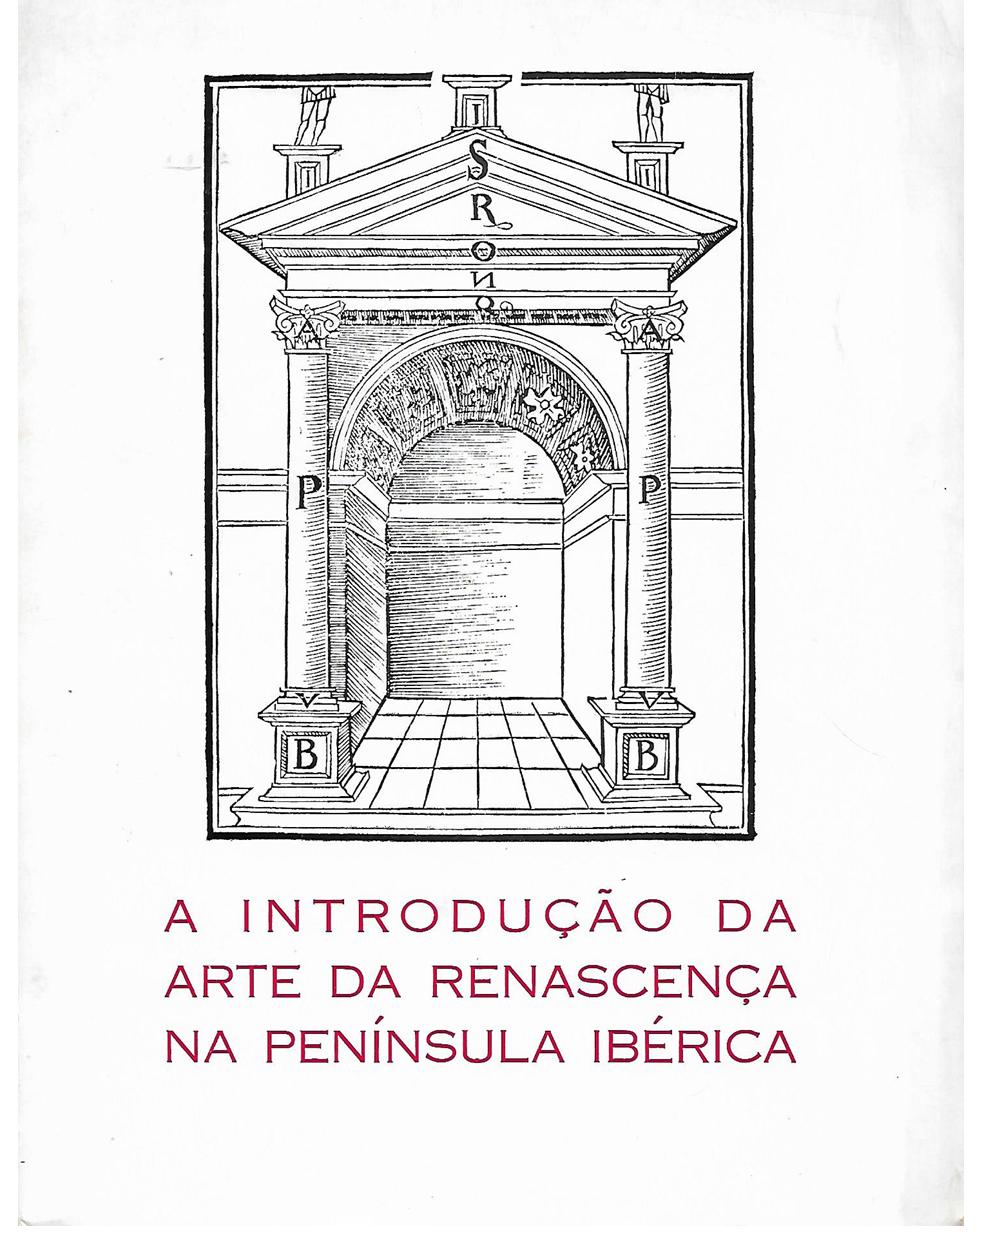 A INTRODUÇÃO DA ARTE DA RENASCENÇA NA PENÍNSULA IBÉRICA.